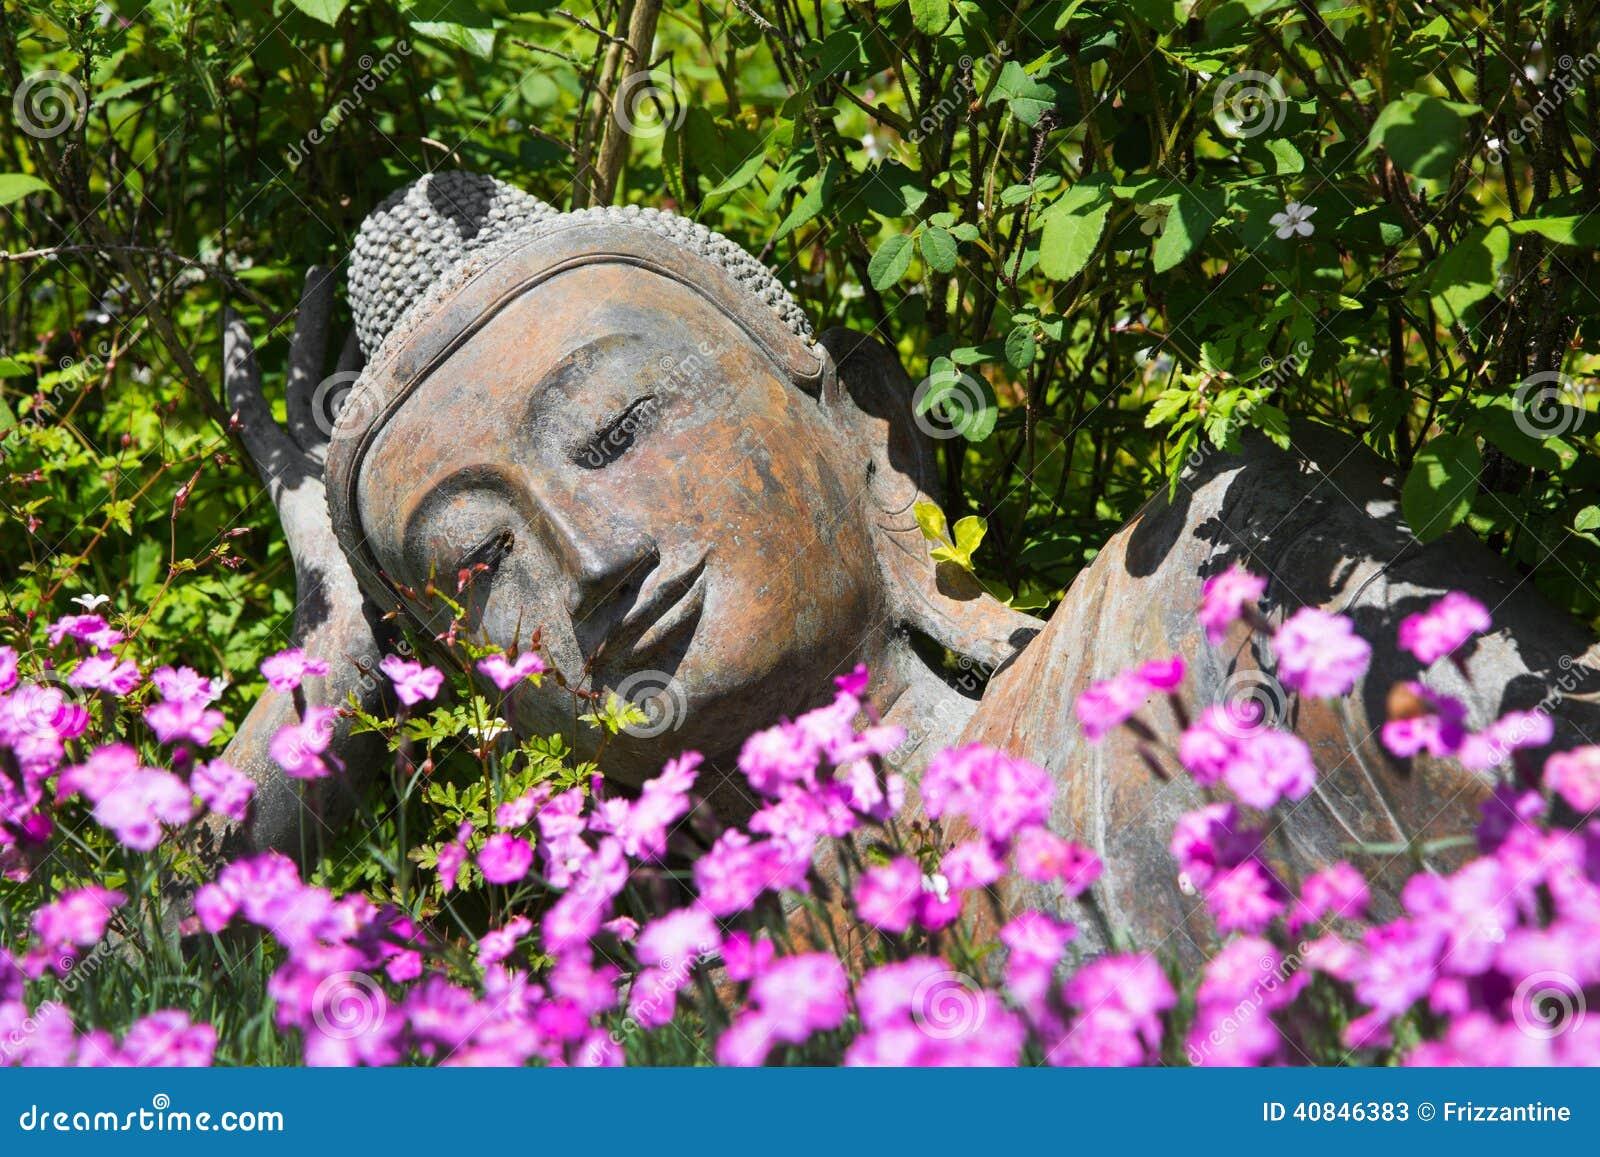 Décoration De Jardin Avec Un Bouddha Menteur Photo stoc